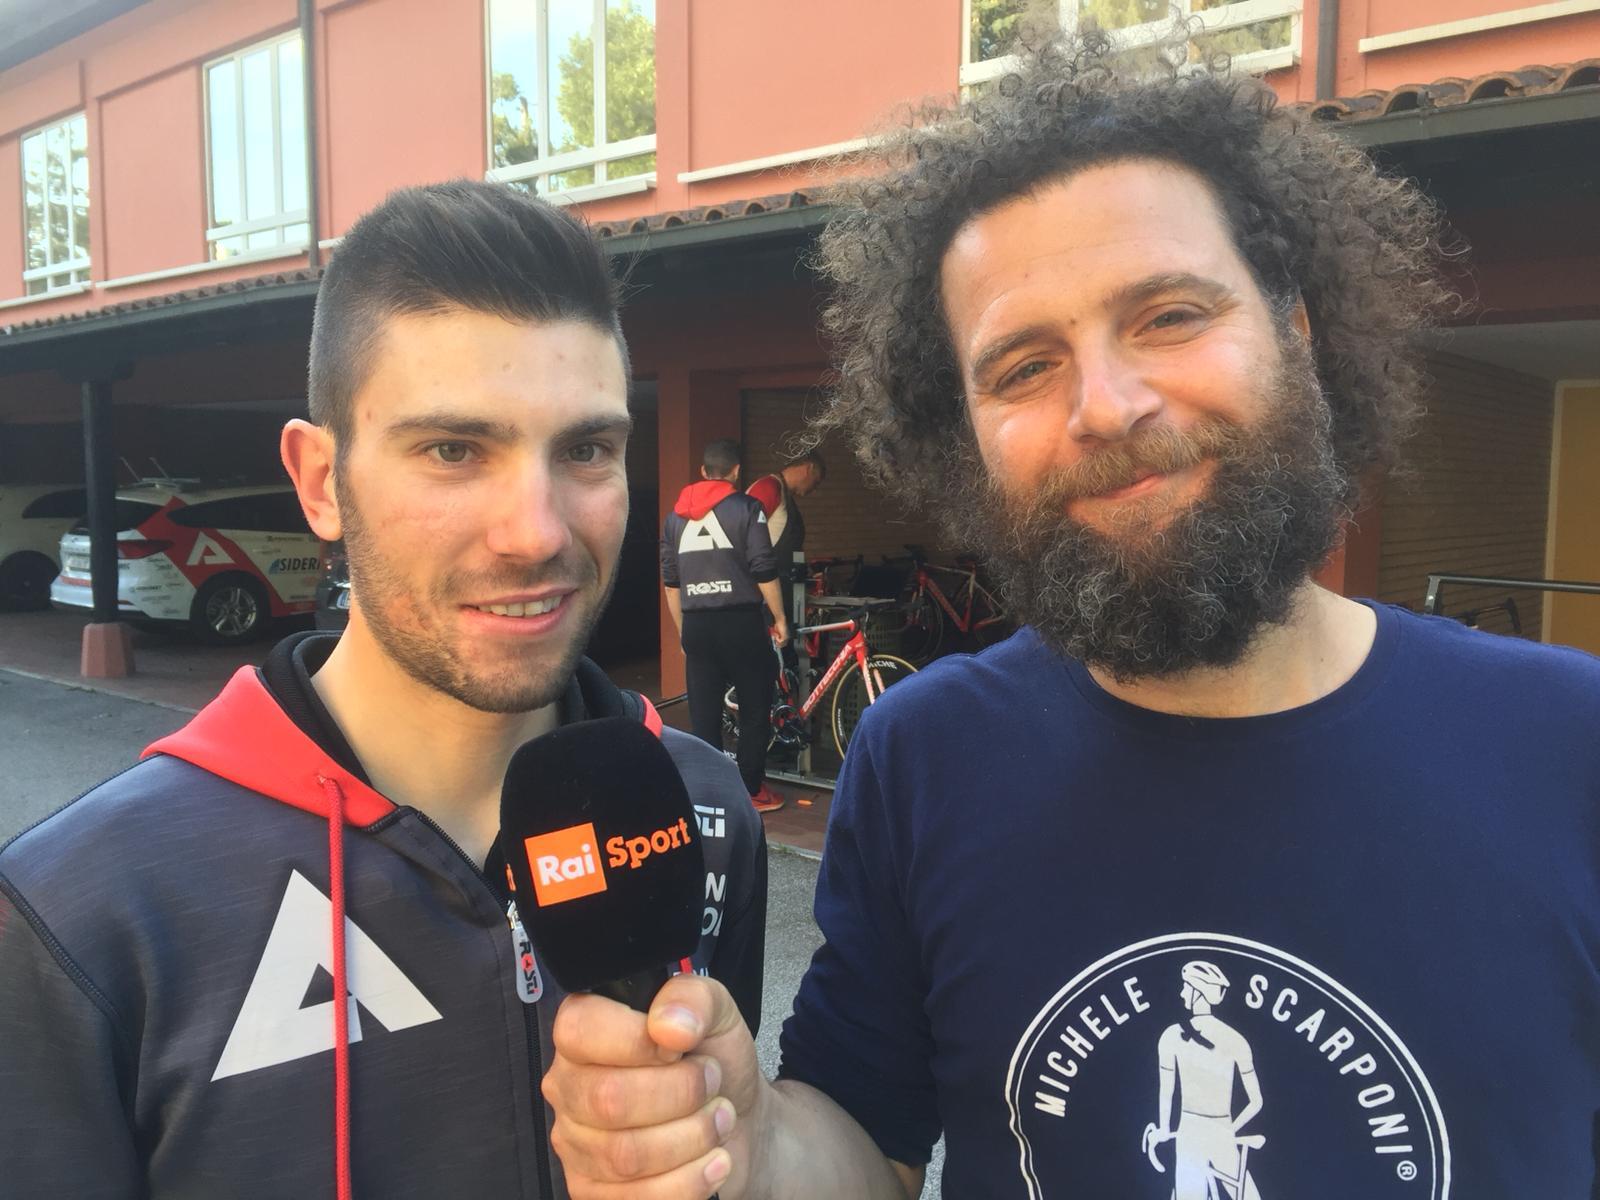 Marco Scarponi Sicuri in Giro interviste durante il Giro d'Italia